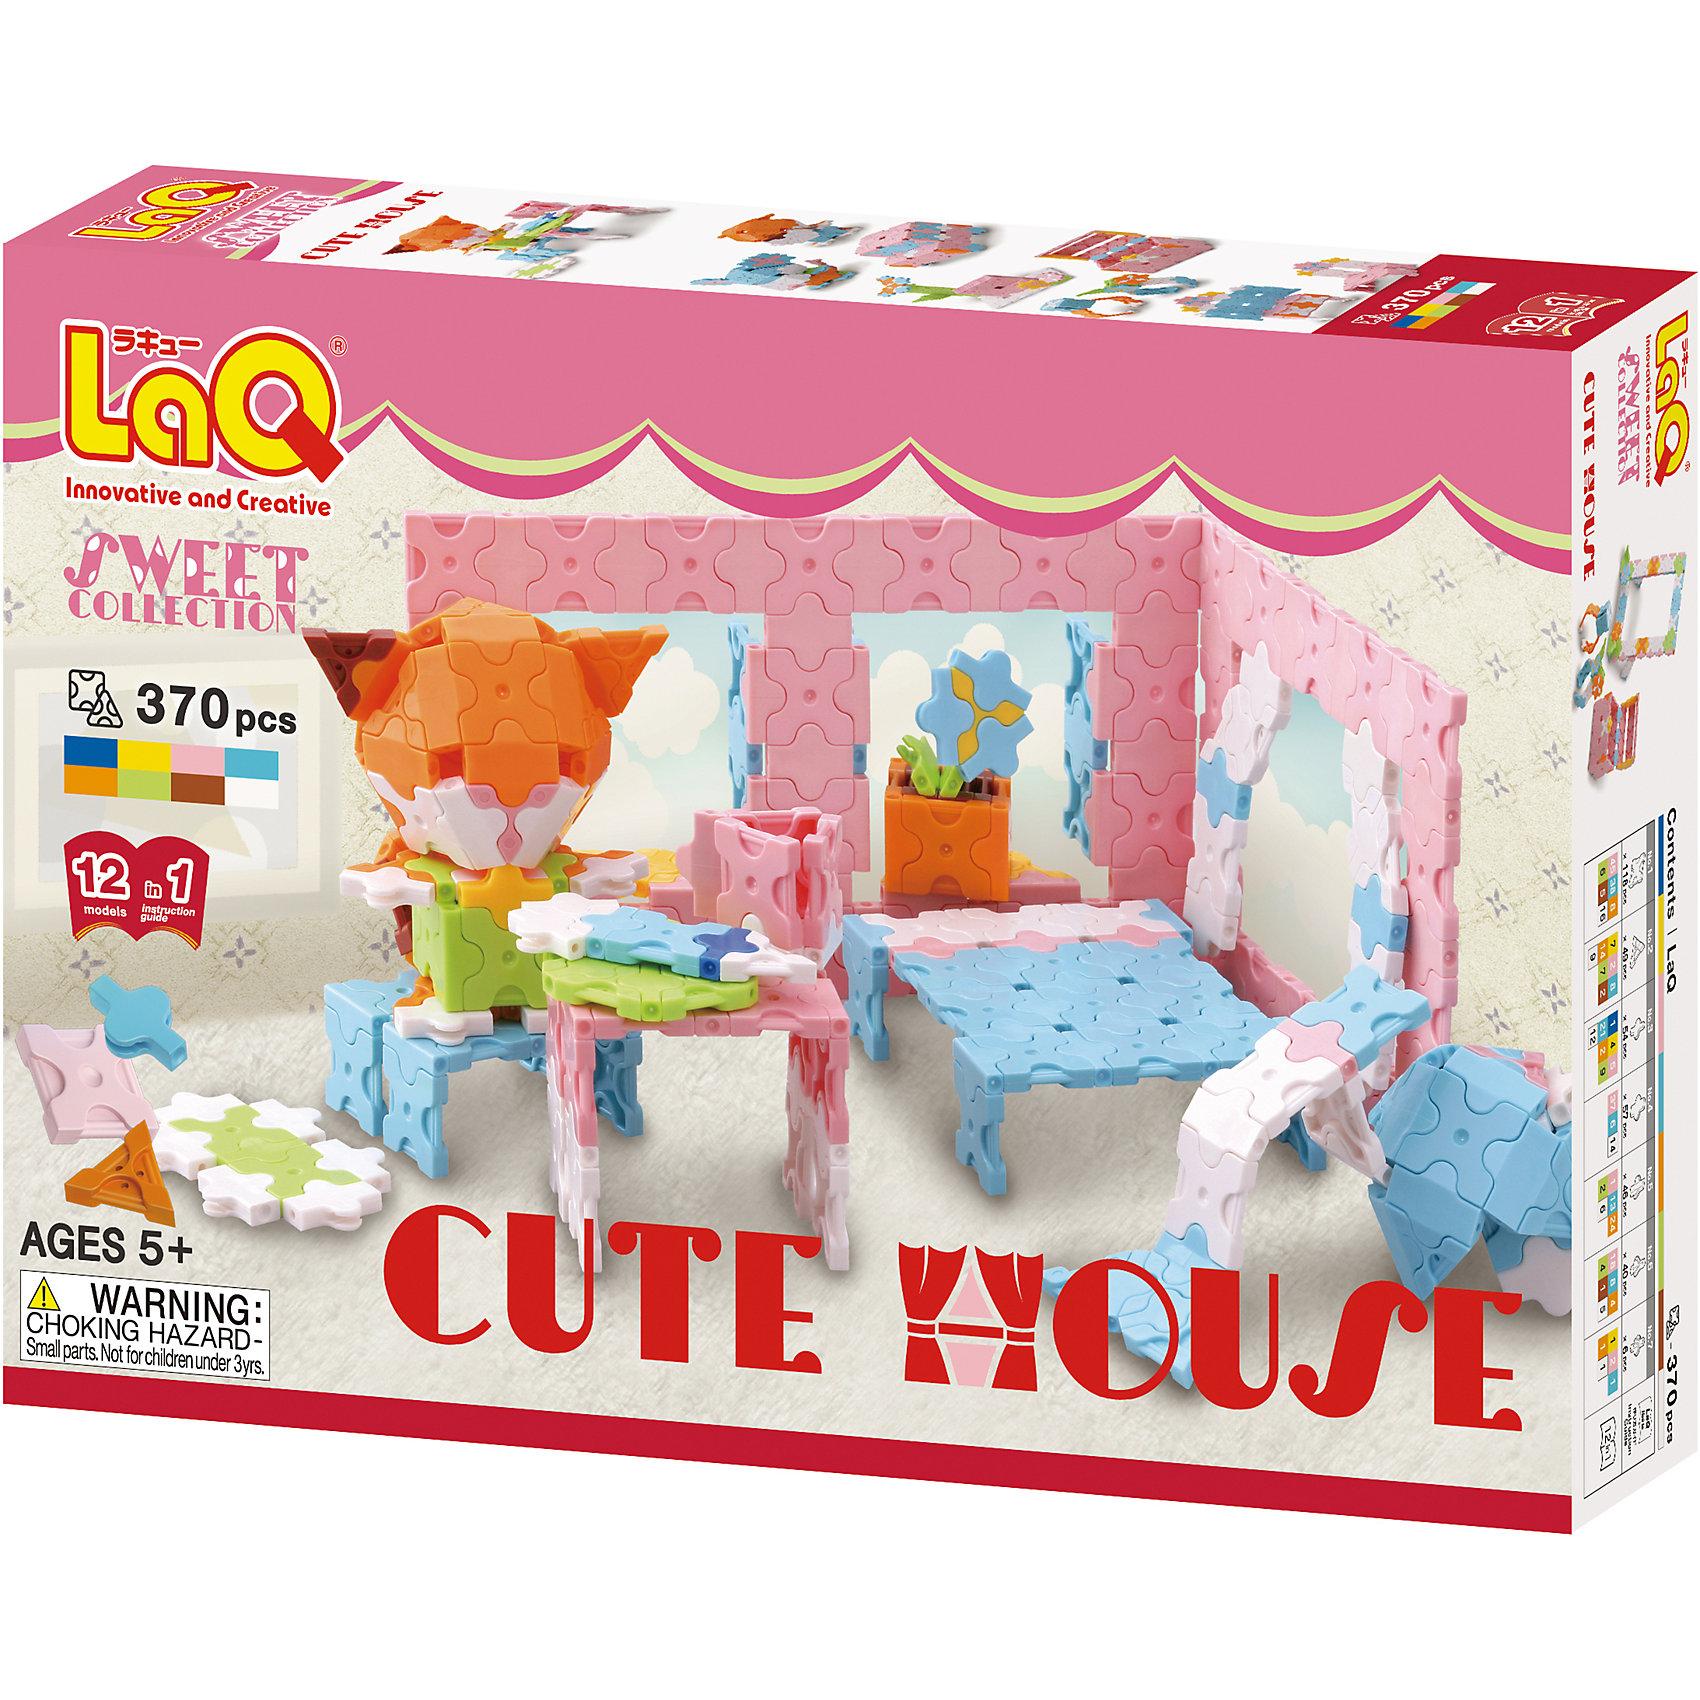 LaQ Конструктор Cute House, 370 деталей, LaQ конструктор laq 1818 mini pteranodon